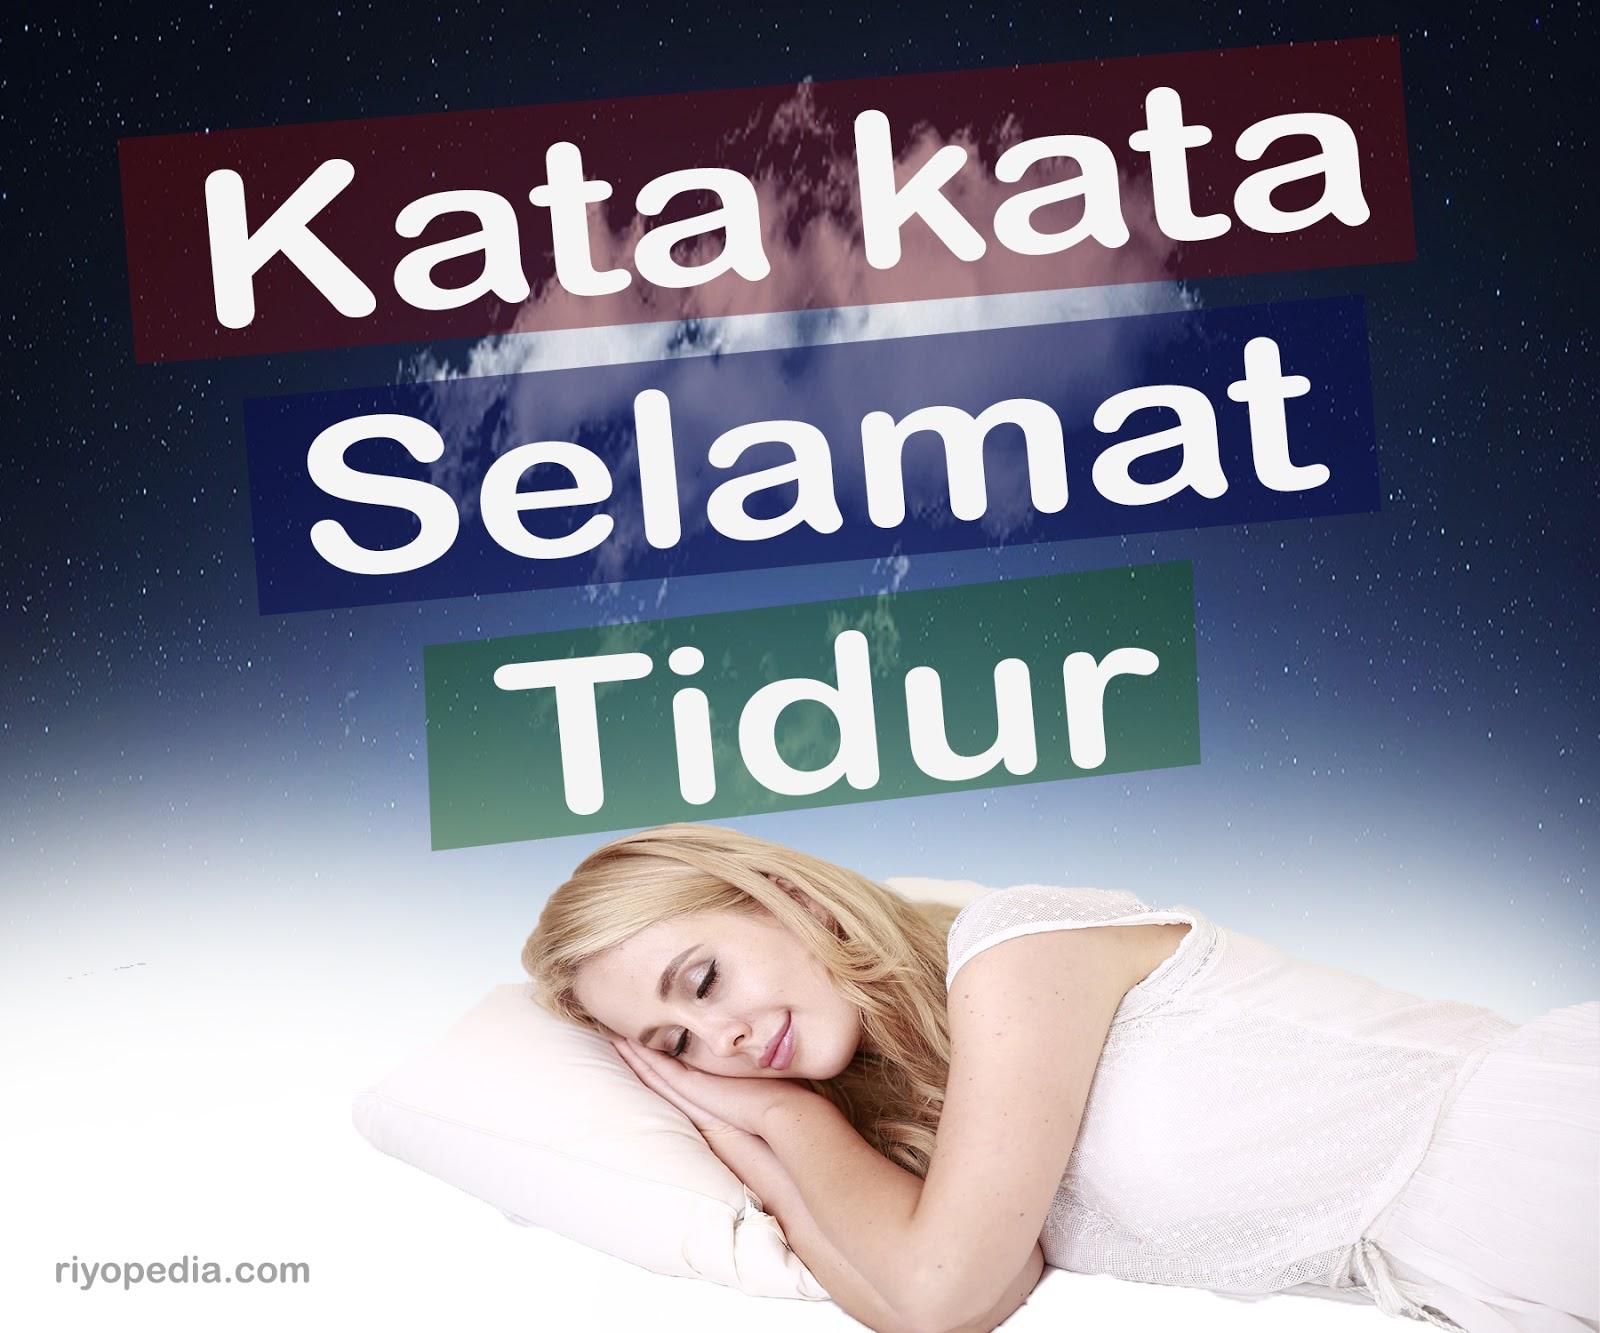 Kata Kata Selamat Tidur Yang Bisa Membuat Hubungan Menjadi Lebih